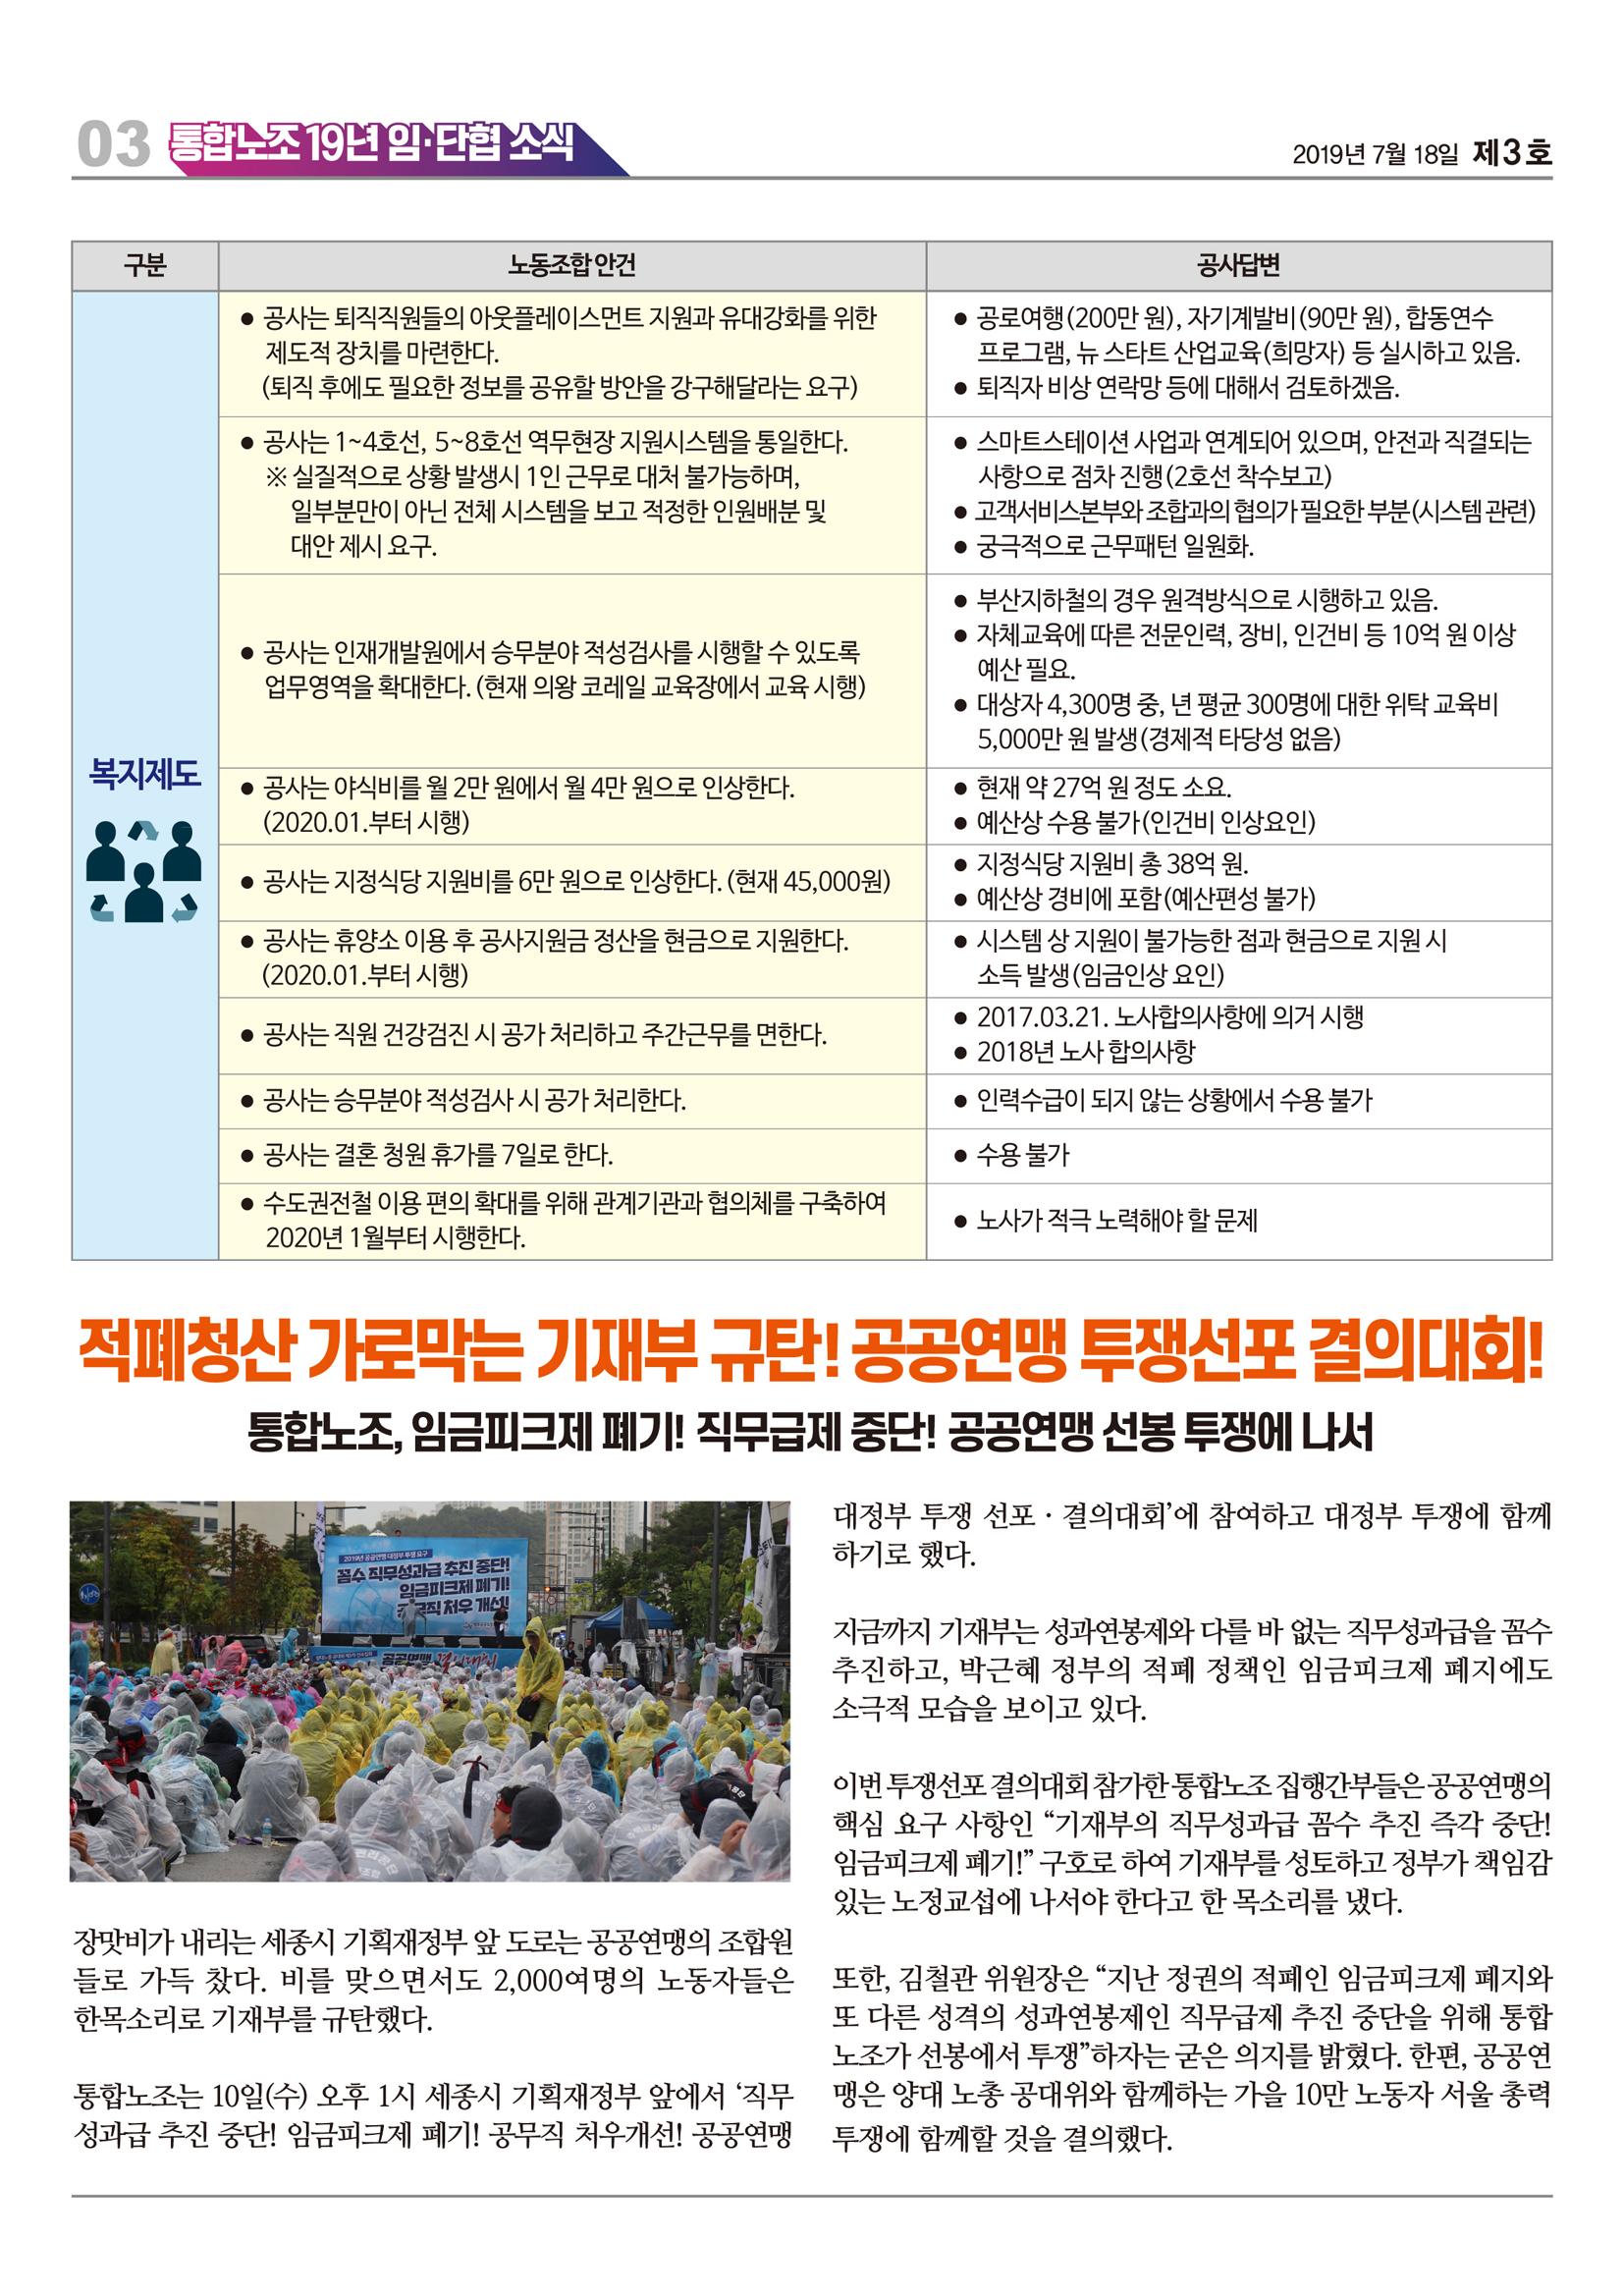 통합노조19년임단협소식제3호-3.jpg